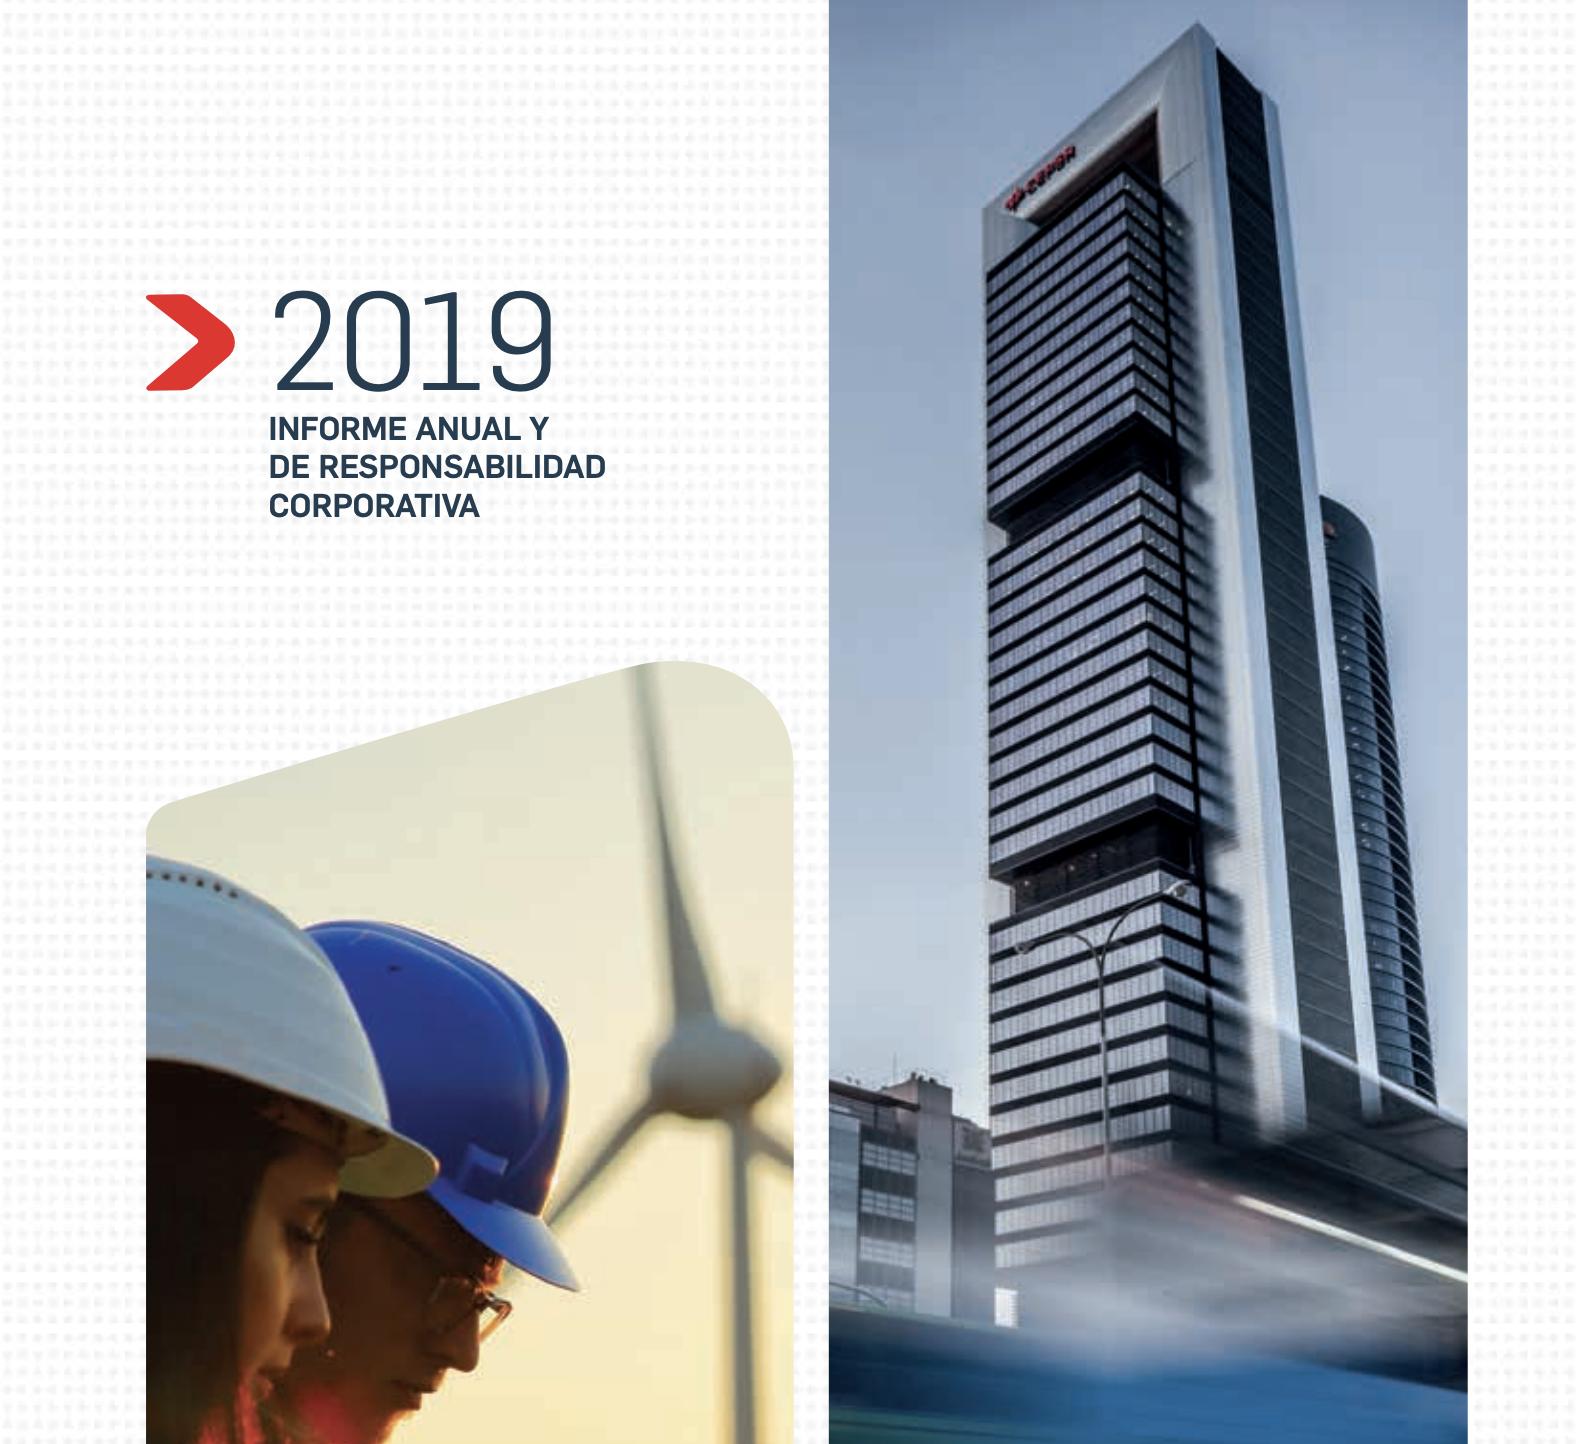 Cepsa recopila sus actividades más relevantes de 2019 en su Informe Anual y de Responsabilidad Corporativa